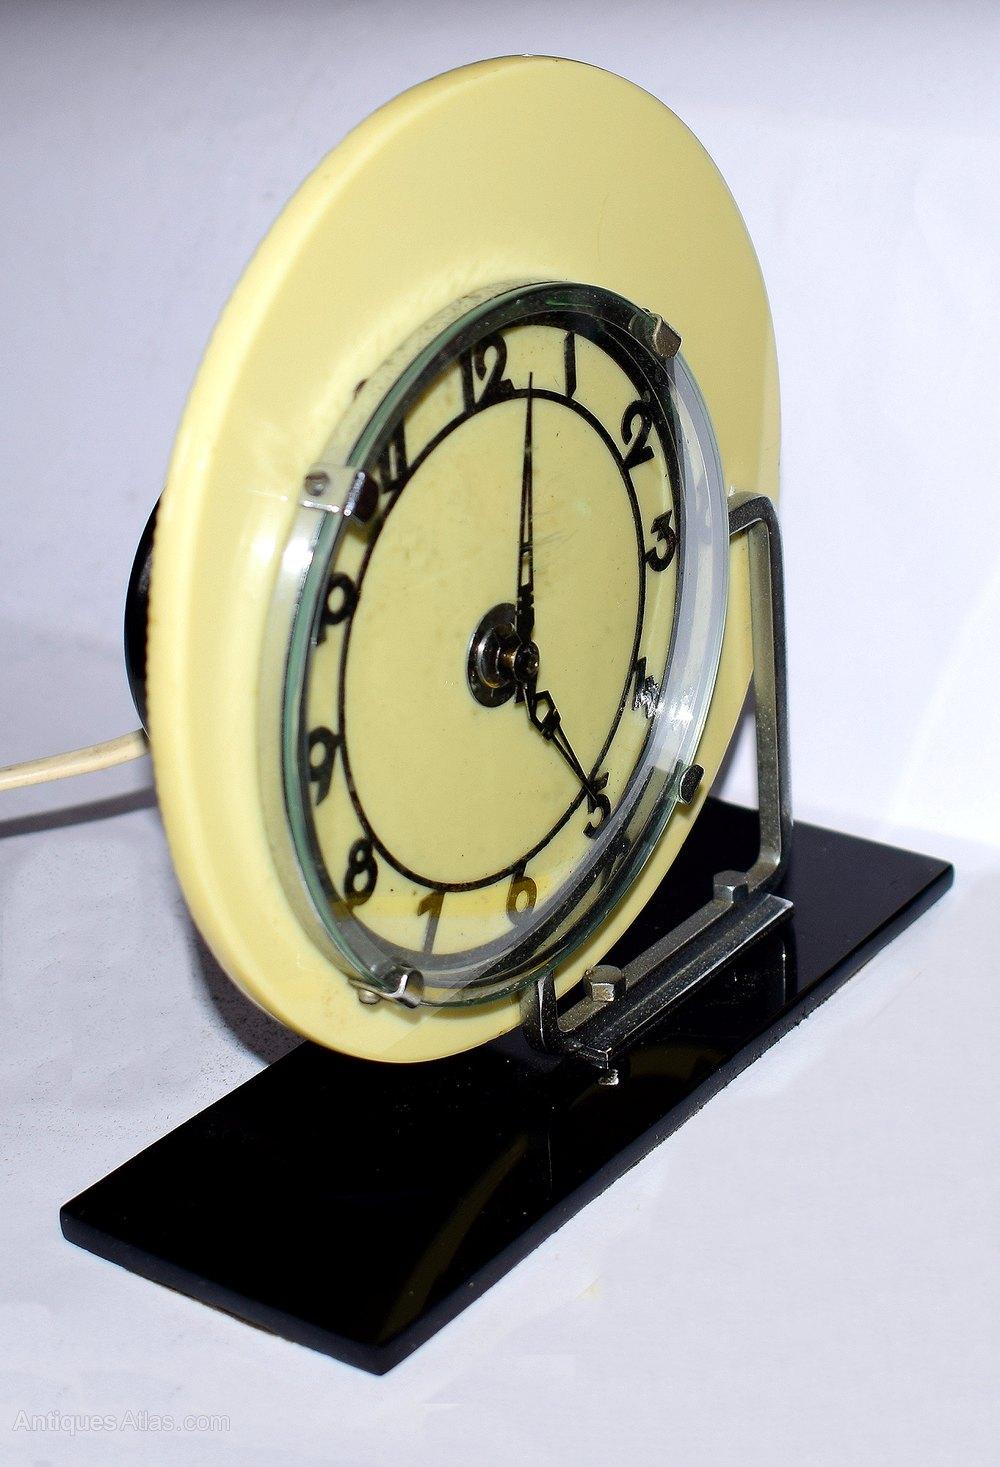 Antiques Atlas - Art Deco Modernist Clock By GEC